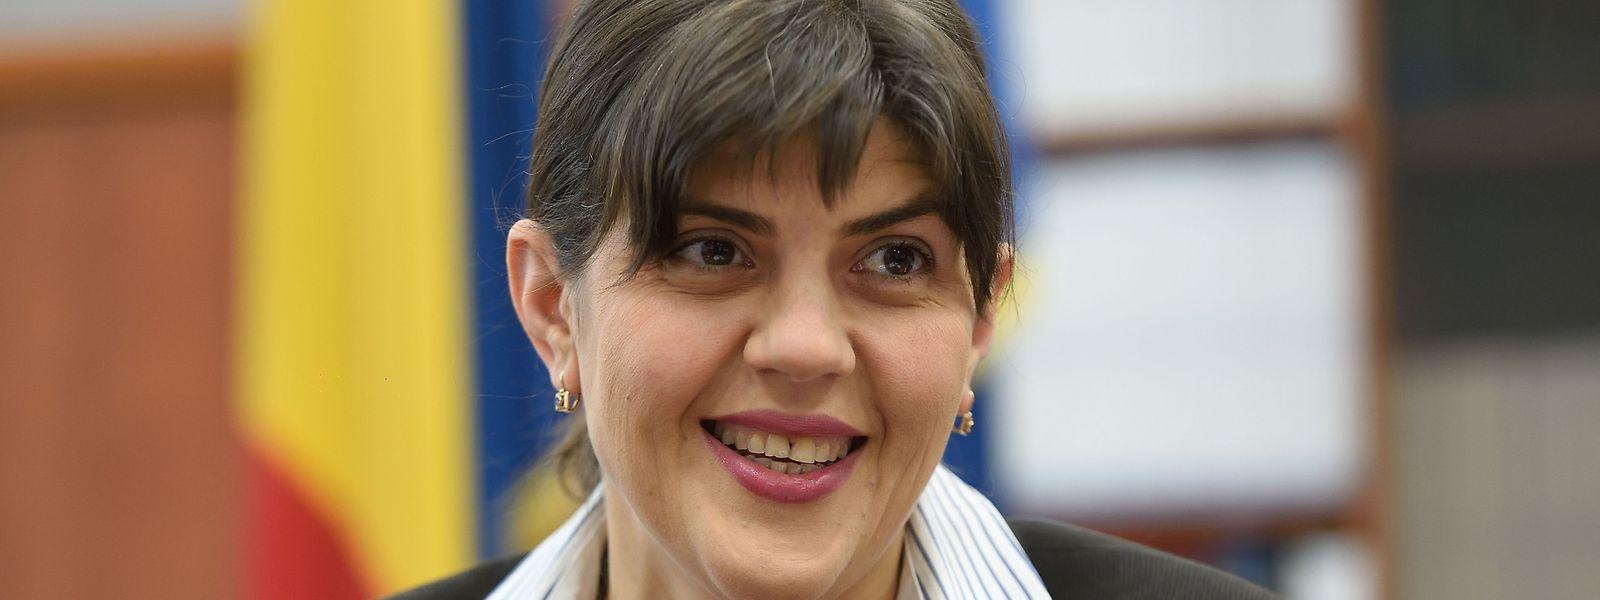 Laura Codruta Kövesi veillera à ce que l'action au niveau de l'Union franchisse une étape supplémentaire et permette effectivement de traduire les criminels en justice en cas d'infractions pénales portant atteinte au budget de l'UE.